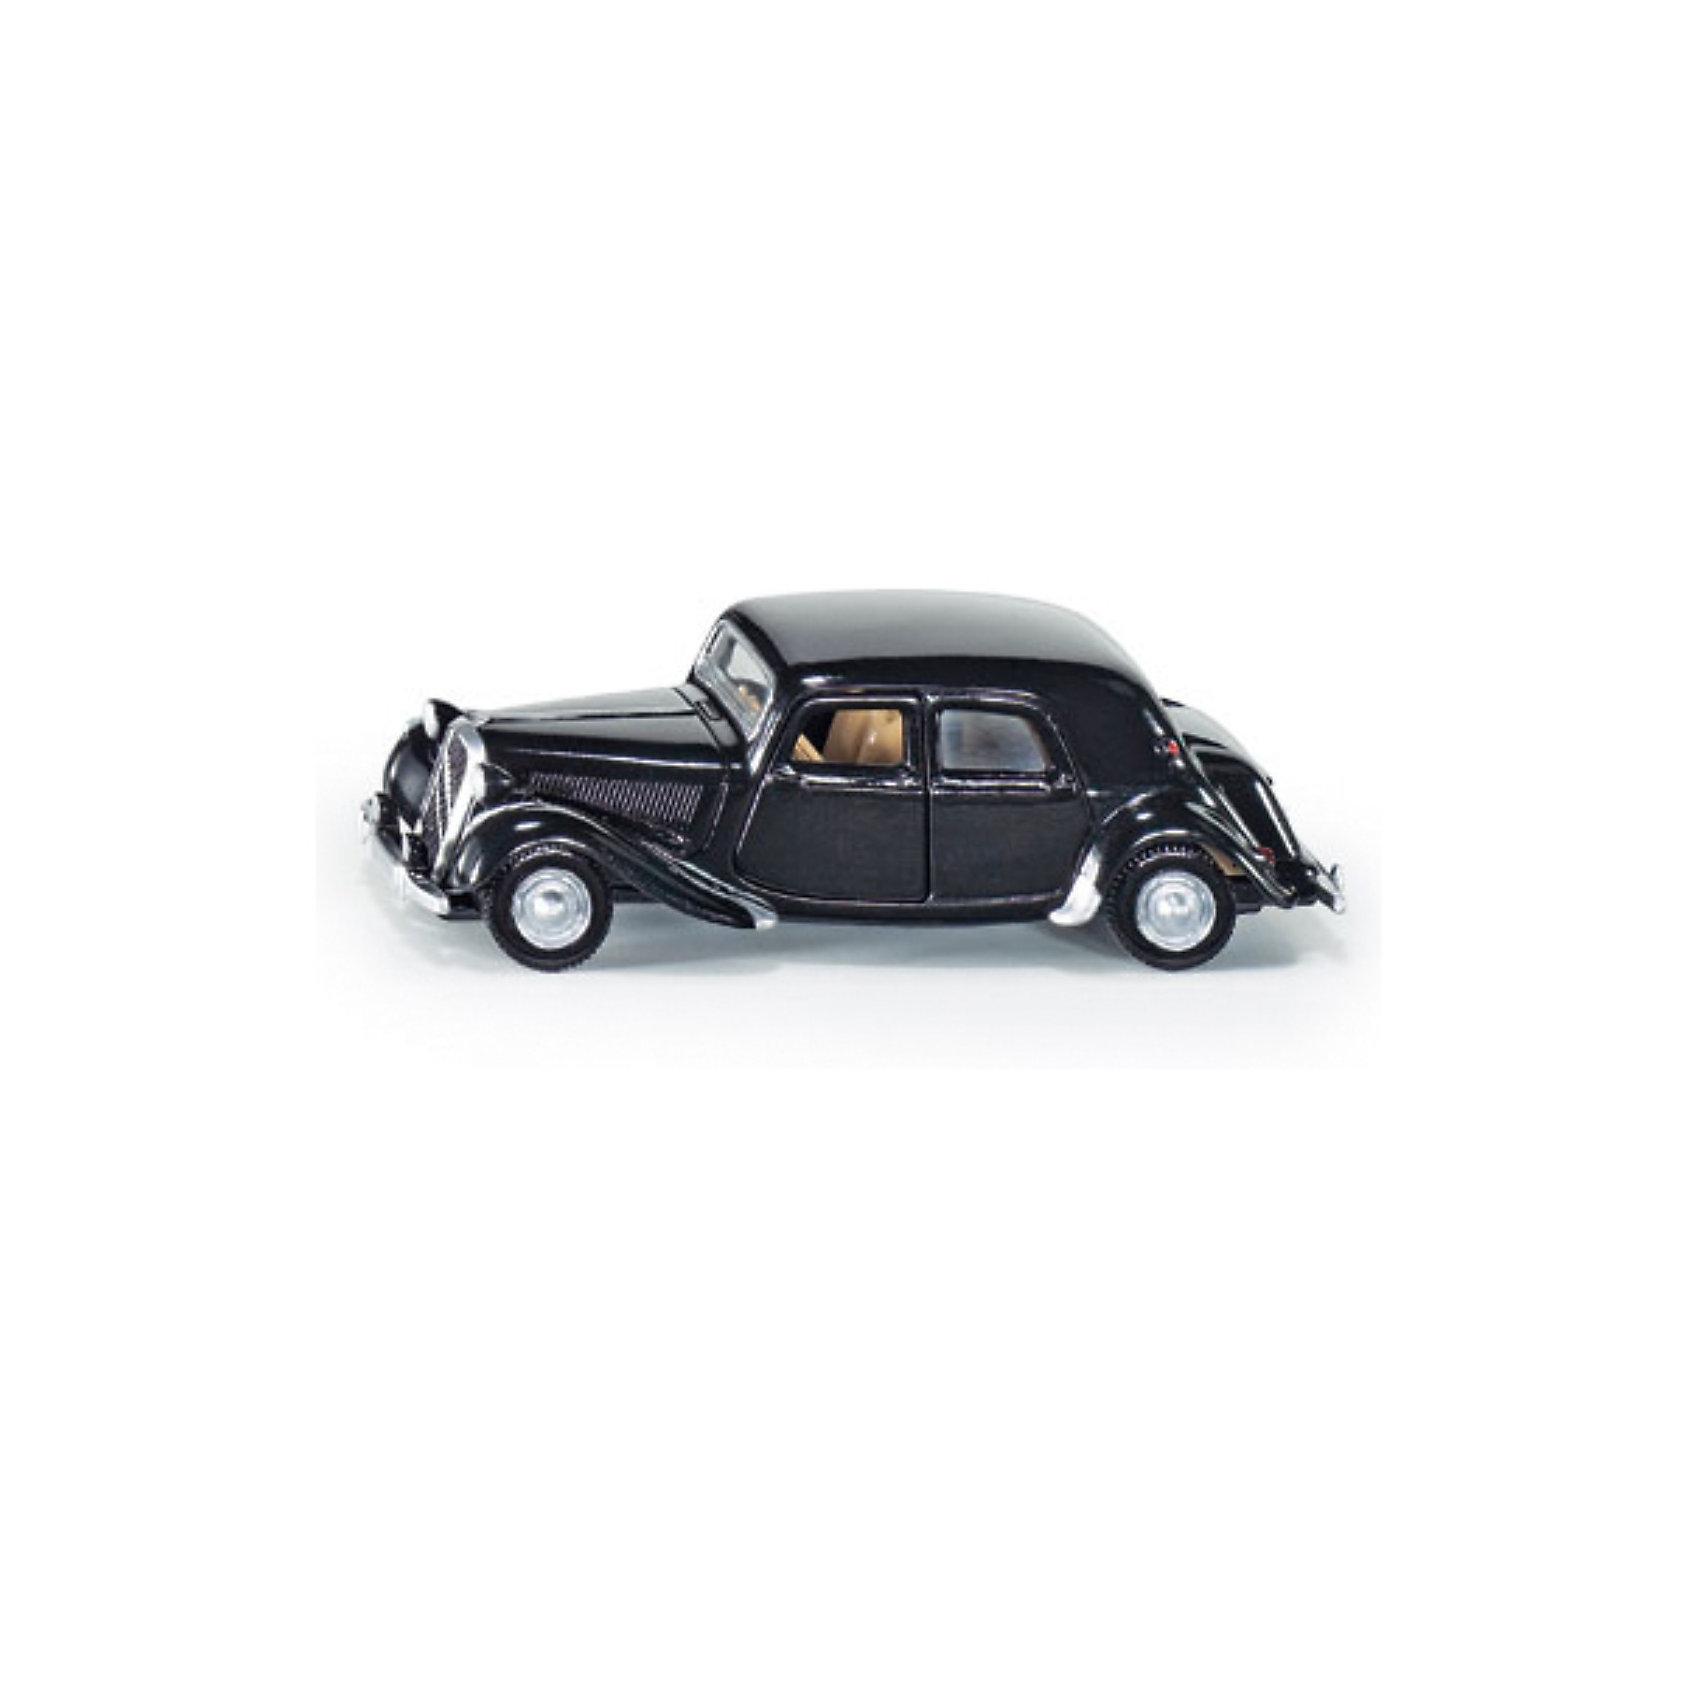 SIKU 1471 Citroen Traction AvantTraction Avant, всемирно известный как гангстерский ситроен – это вторая историческая модель автомобиля в ассортименте металлических моделей SIKU. Модель окрашена в классический черный цвет. Внешний вид оригинала передан безупречно. Разумеется, двери модели открываются против движения.<br><br>Игрушечные модели SIKU уже более 50 лет отличаются высоким качеством и безопасностью. Они имеют сертификаты T?V и GS, изготавливаются в соответствии с актуальными предписаниями по безопасности и отмечены знаком SPIEL GUT. Игрушки не предназначены для детей младше 36 месяцев, так как содержат мелкие детали, которые могут быть проглочены.<br><br>Д/Ш/В: 85x33x27 мм<br><br>+++Примечание+++<br>Фирма SIKU оставляет за собой право на изменение цвета и технических характеристик моделей. При демонстрации новинок в ряде случаев используются оригинальные фотографии и прототипы. Поставляемая модель может отличаться от представленной на фотографии.<br><br>Ширина мм: 97<br>Глубина мм: 80<br>Высота мм: 38<br>Вес г: 59<br>Возраст от месяцев: 36<br>Возраст до месяцев: 96<br>Пол: Мужской<br>Возраст: Детский<br>SKU: 1636695